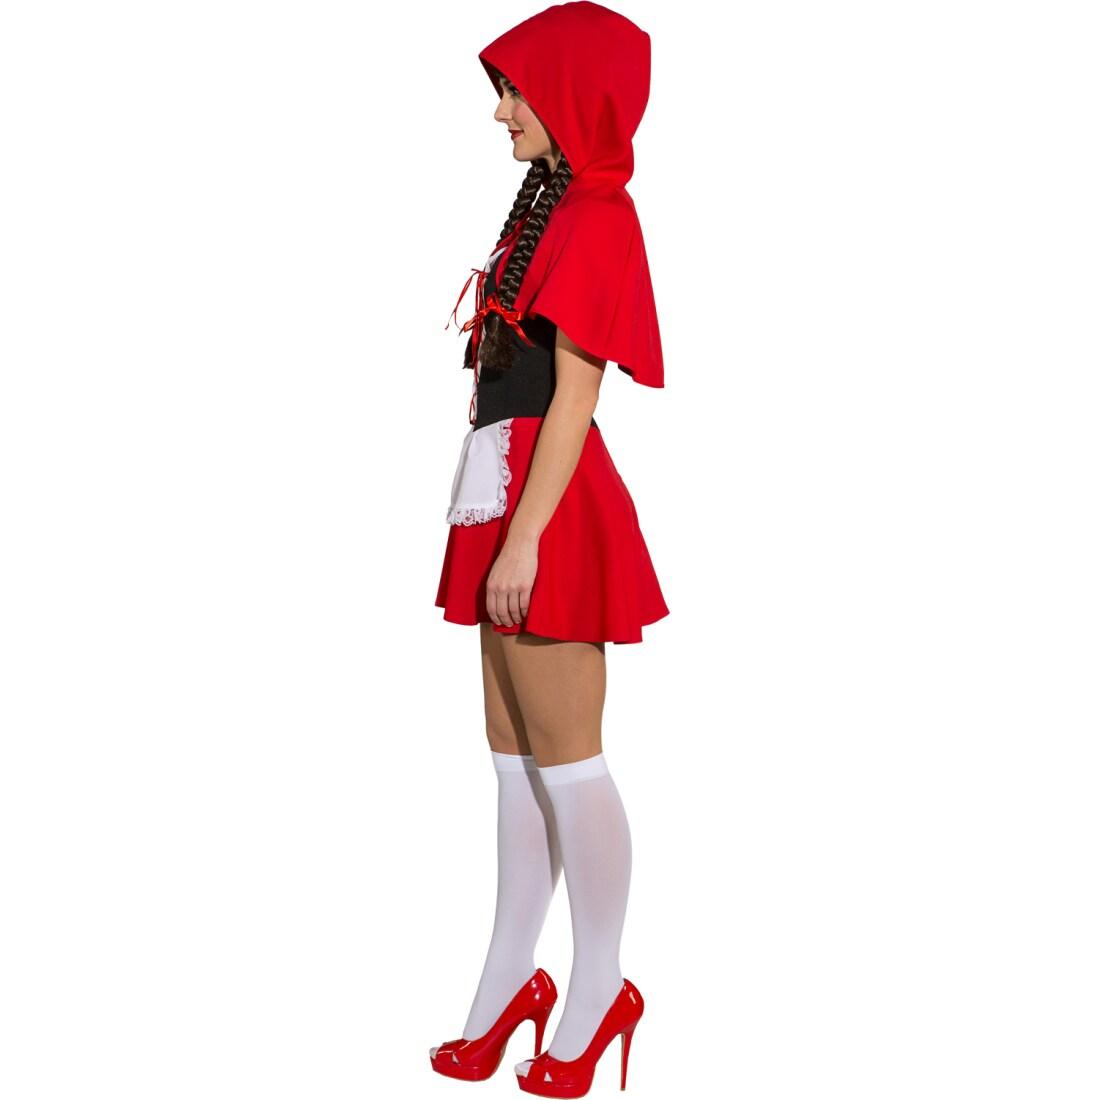 Rotkäppchen Kostüm Karneval Märchen Kostüme, 26,49